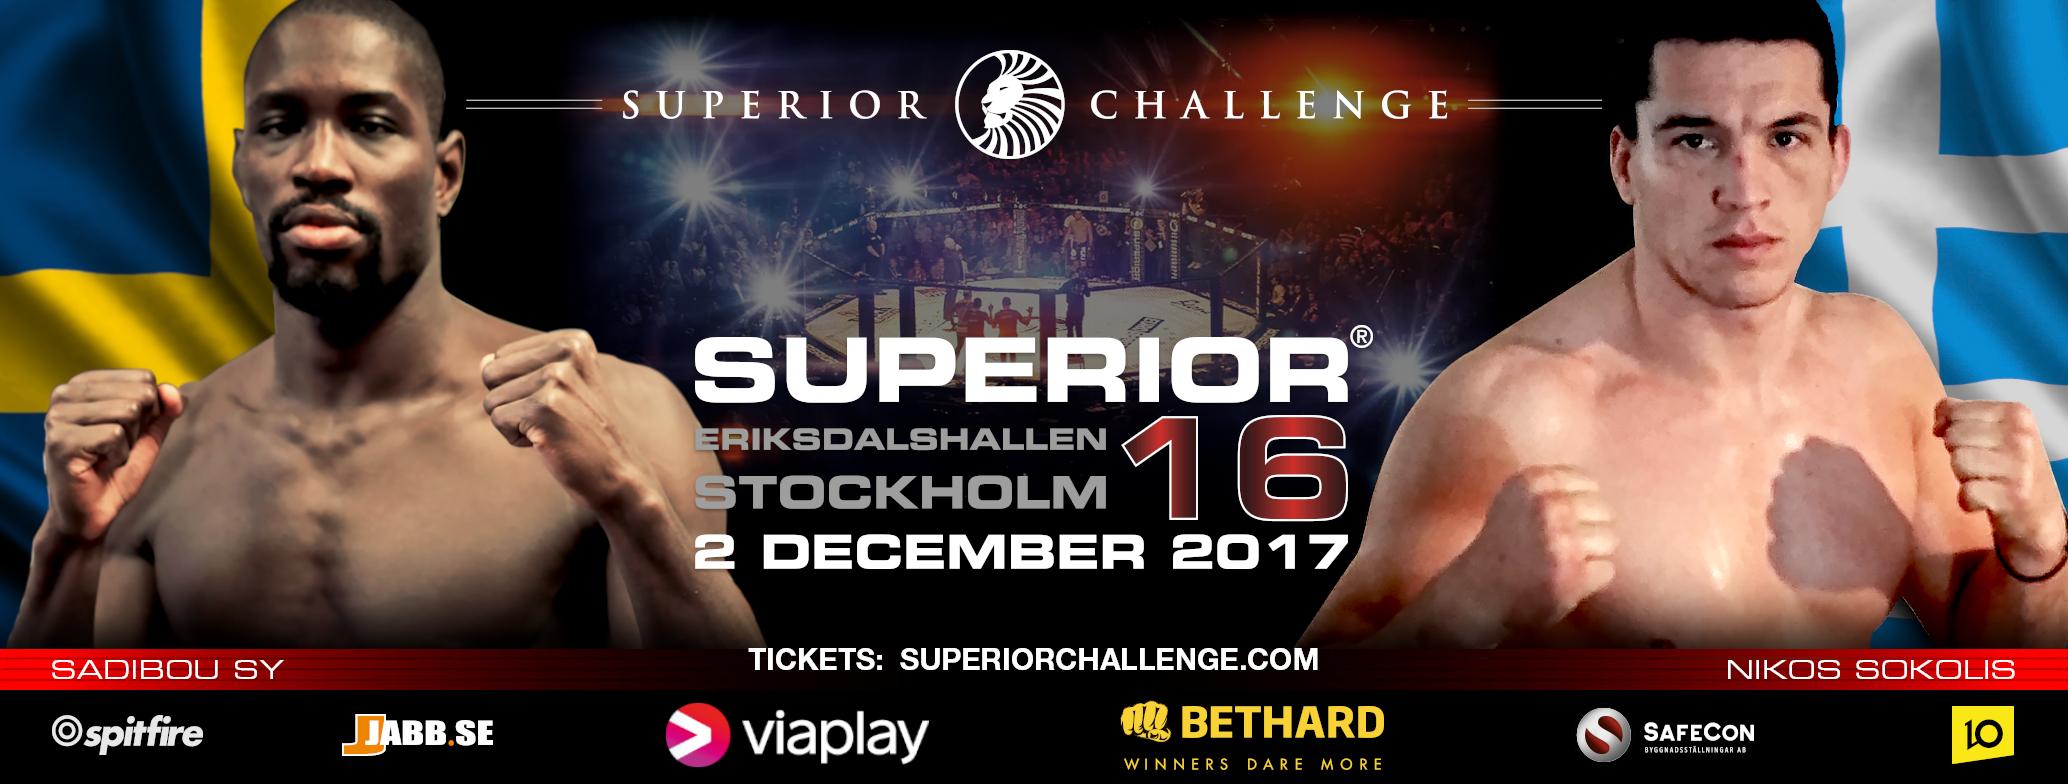 Sadibou Sy takes on Nikos Sokolis at Superior Challenge 16